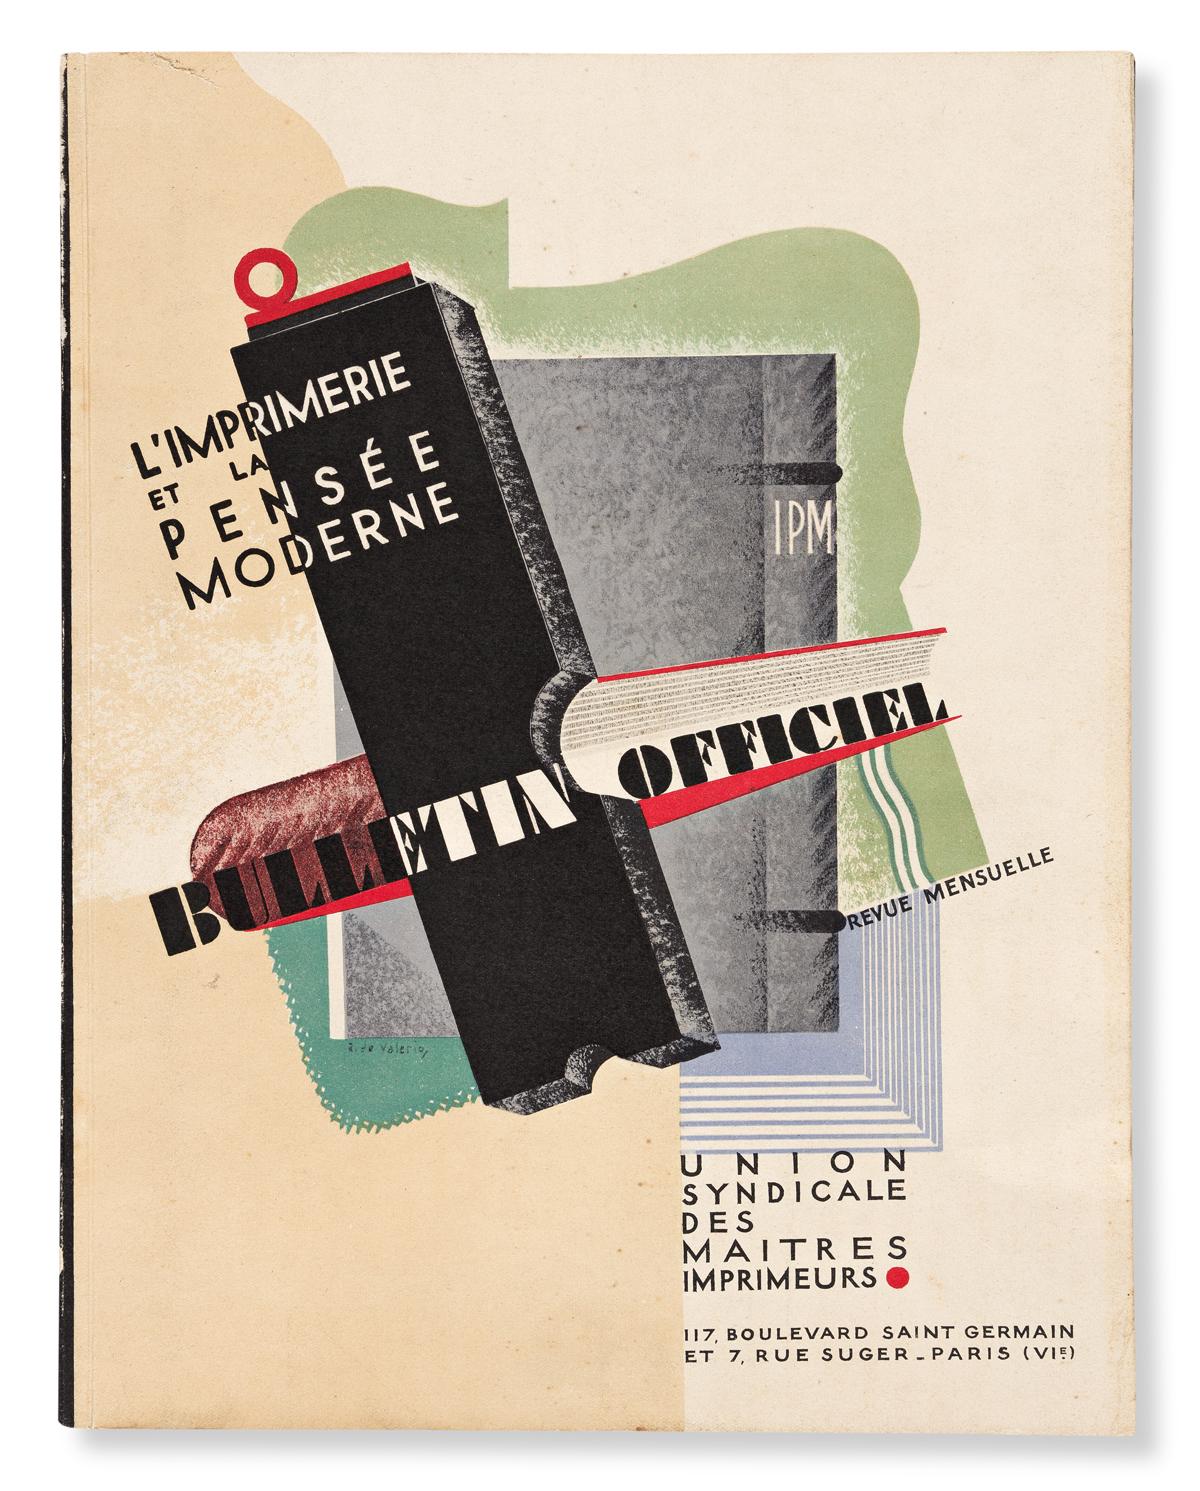 VARIOUS ARTISTS.  L'IMPRIMERIE ET LA PENSÉE MODERNE / BULLETIN OFFICIEL. Book. 1928. 12½x9¾ inches, 31¾x24¾ cm. Union Syndicale des Mai